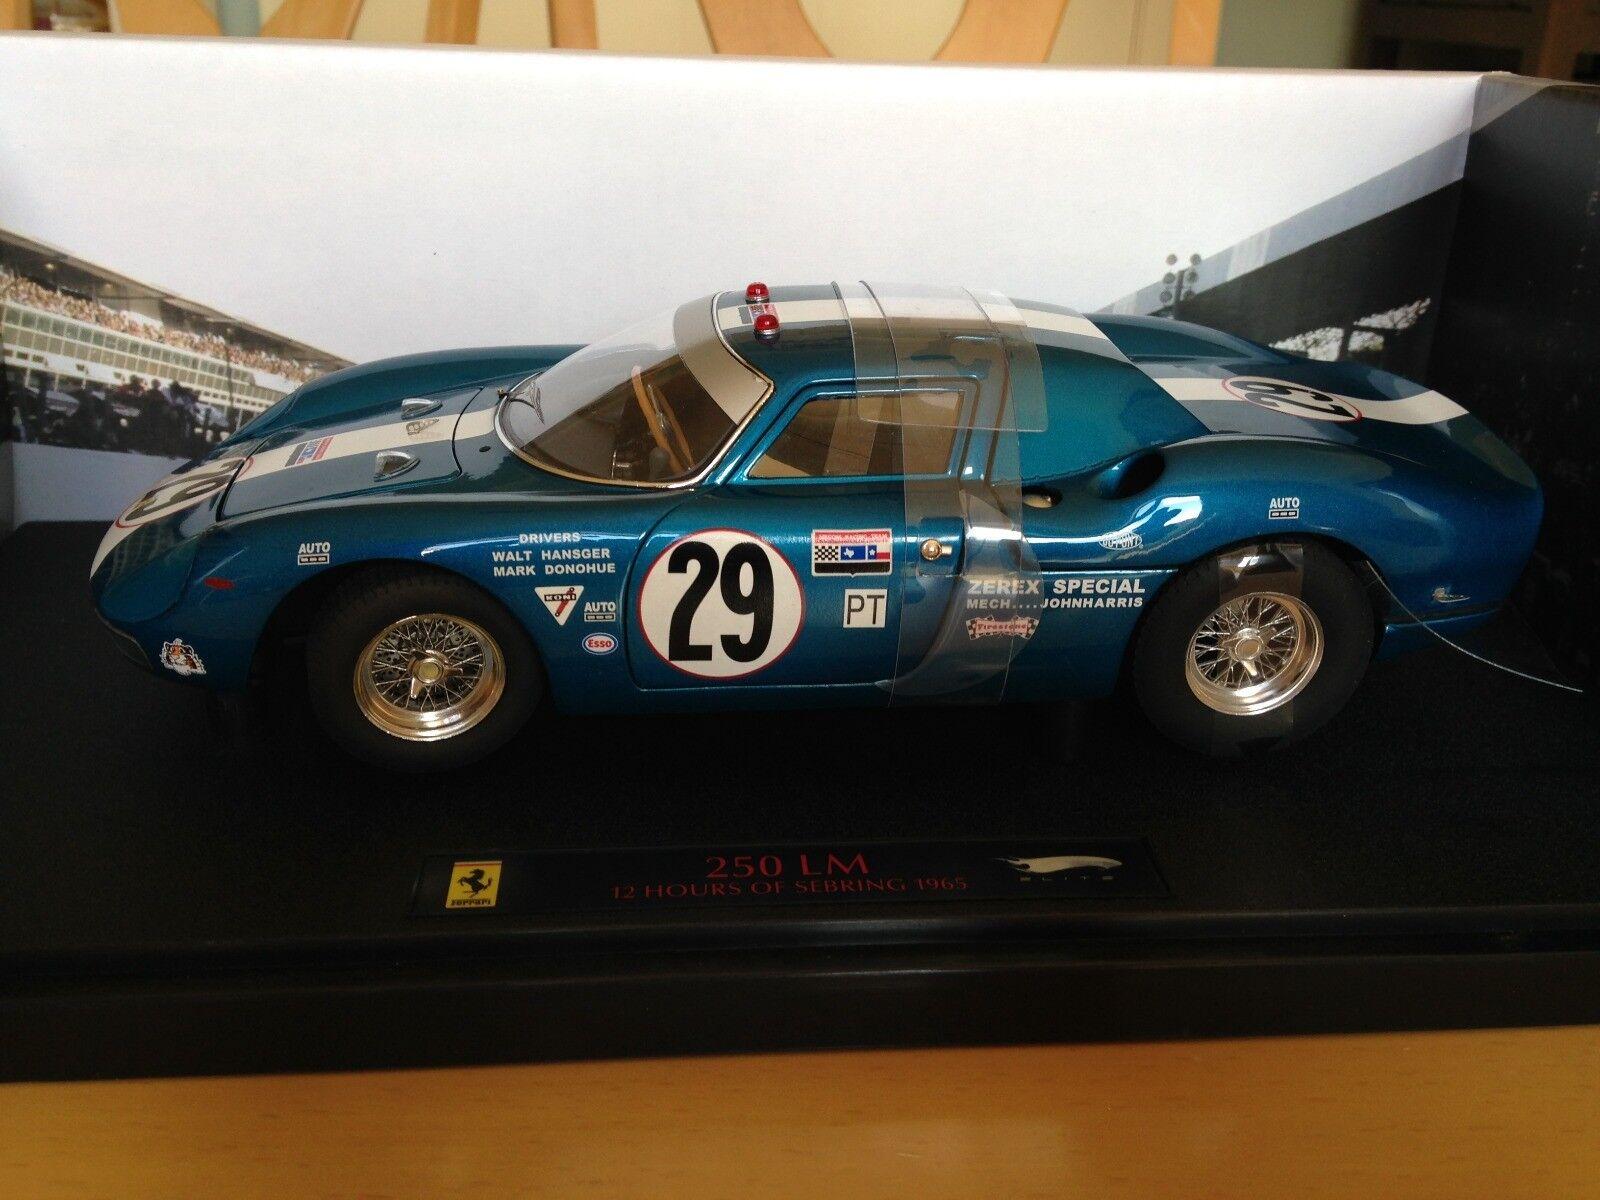 barato en alta calidad Ferrari 250 LM - 12 Hrd of of of Sebring 1965 -  29, 1 18 scale....NIB.  vendiendo bien en todo el mundo